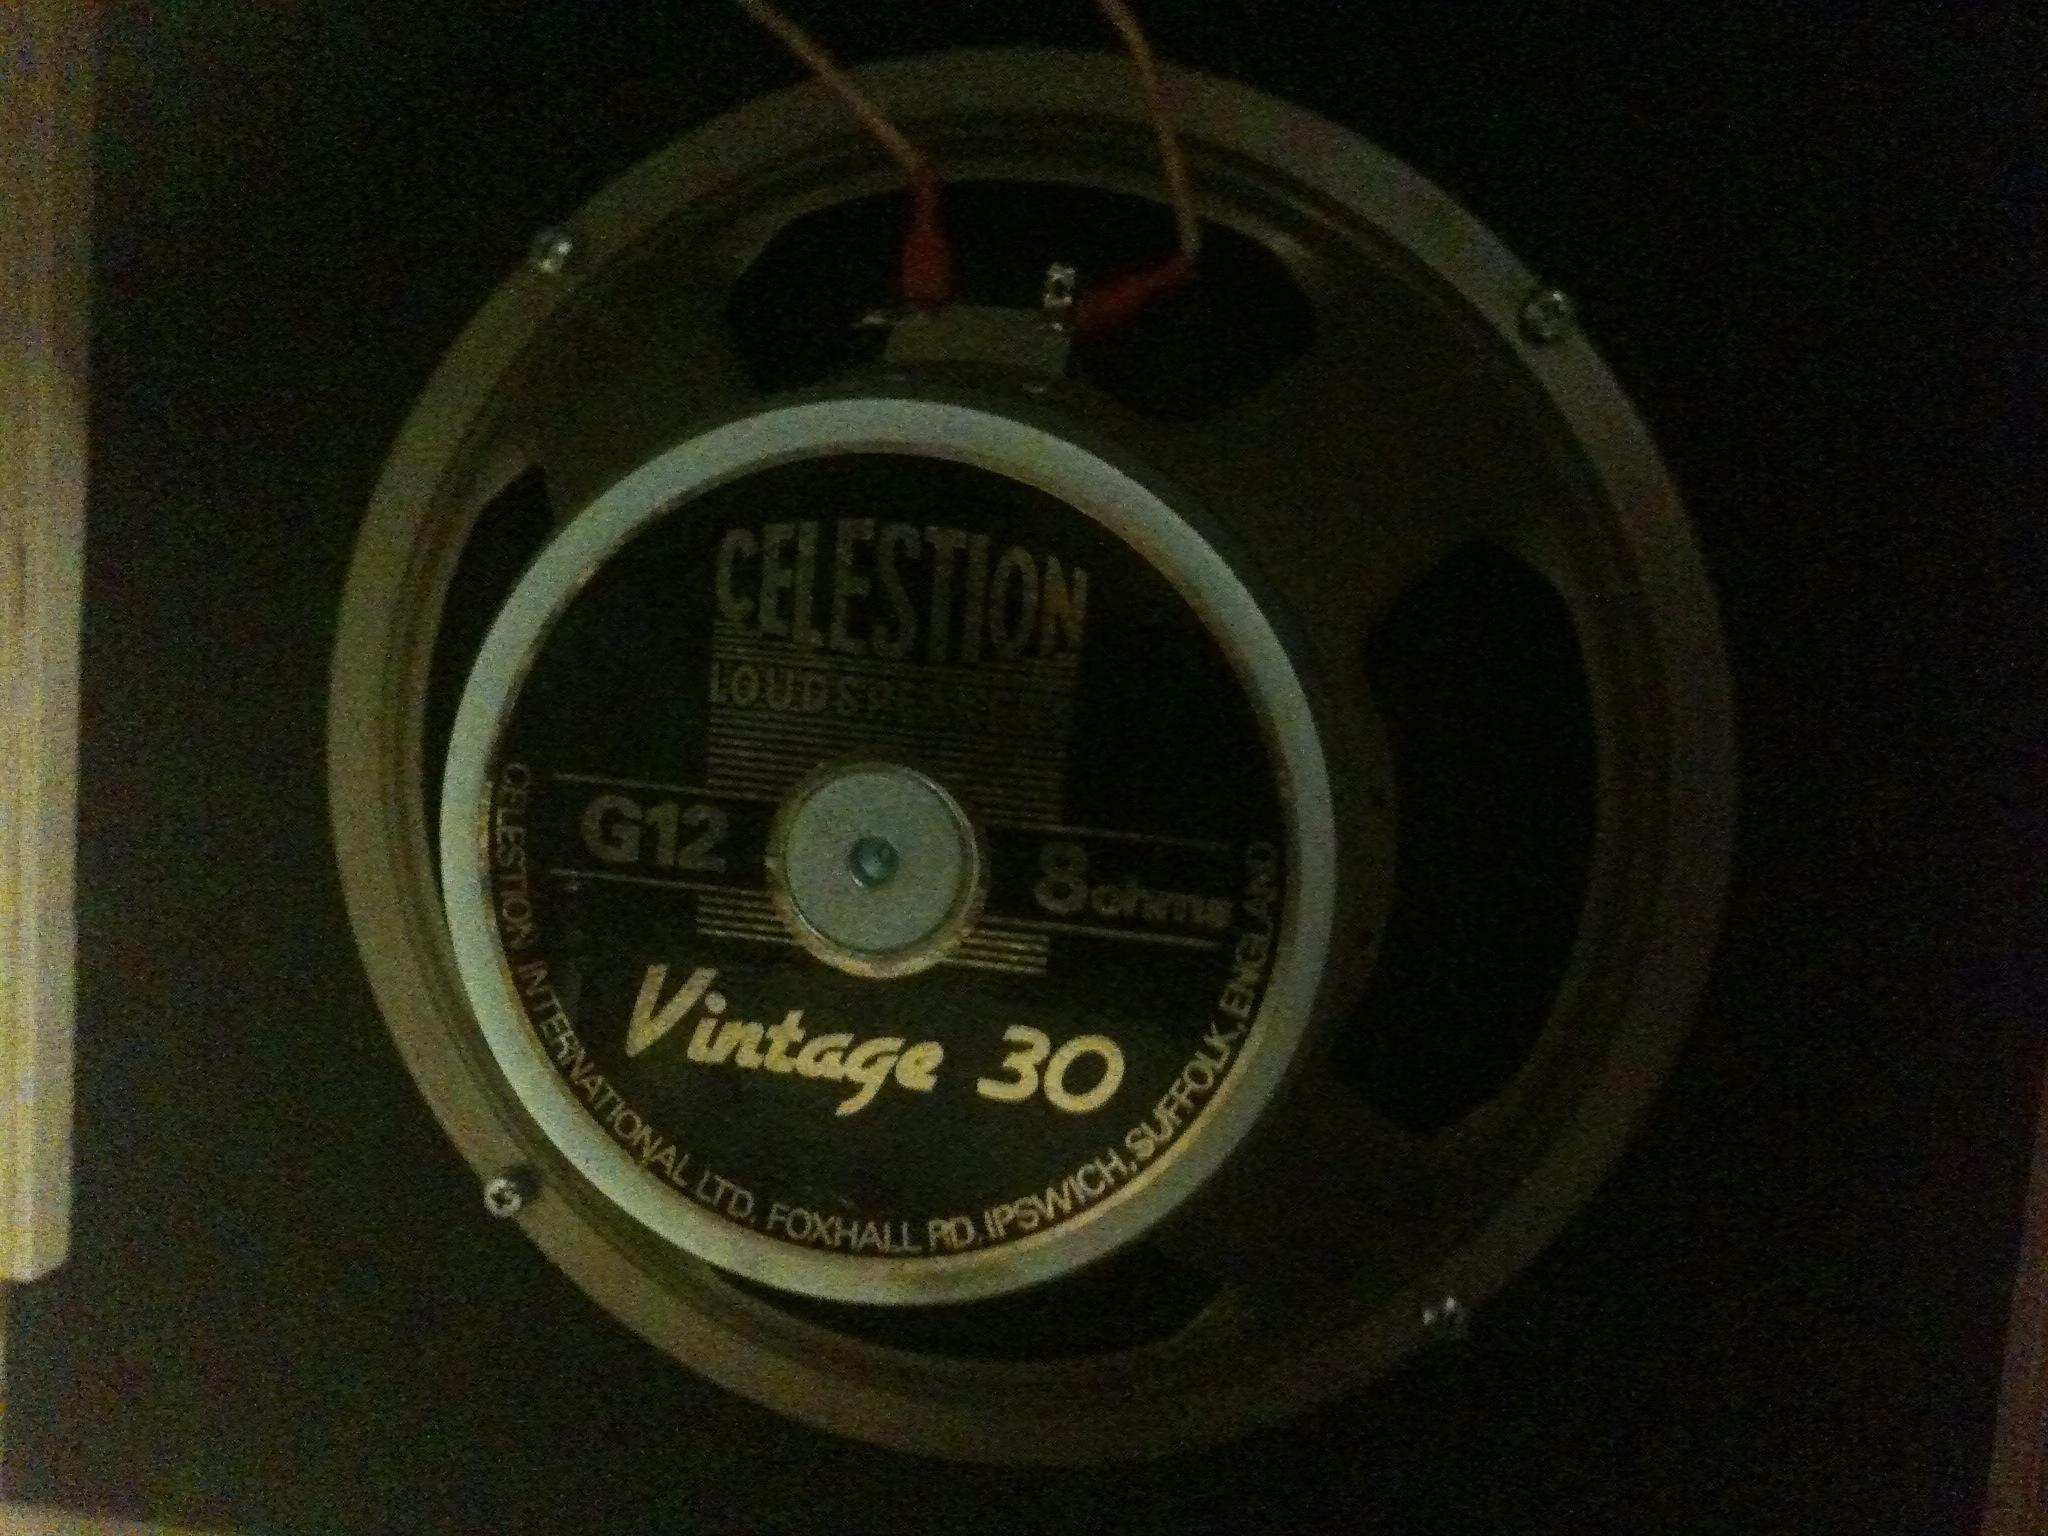 celestion vintage 30 8 ohms image 598532 audiofanzine. Black Bedroom Furniture Sets. Home Design Ideas